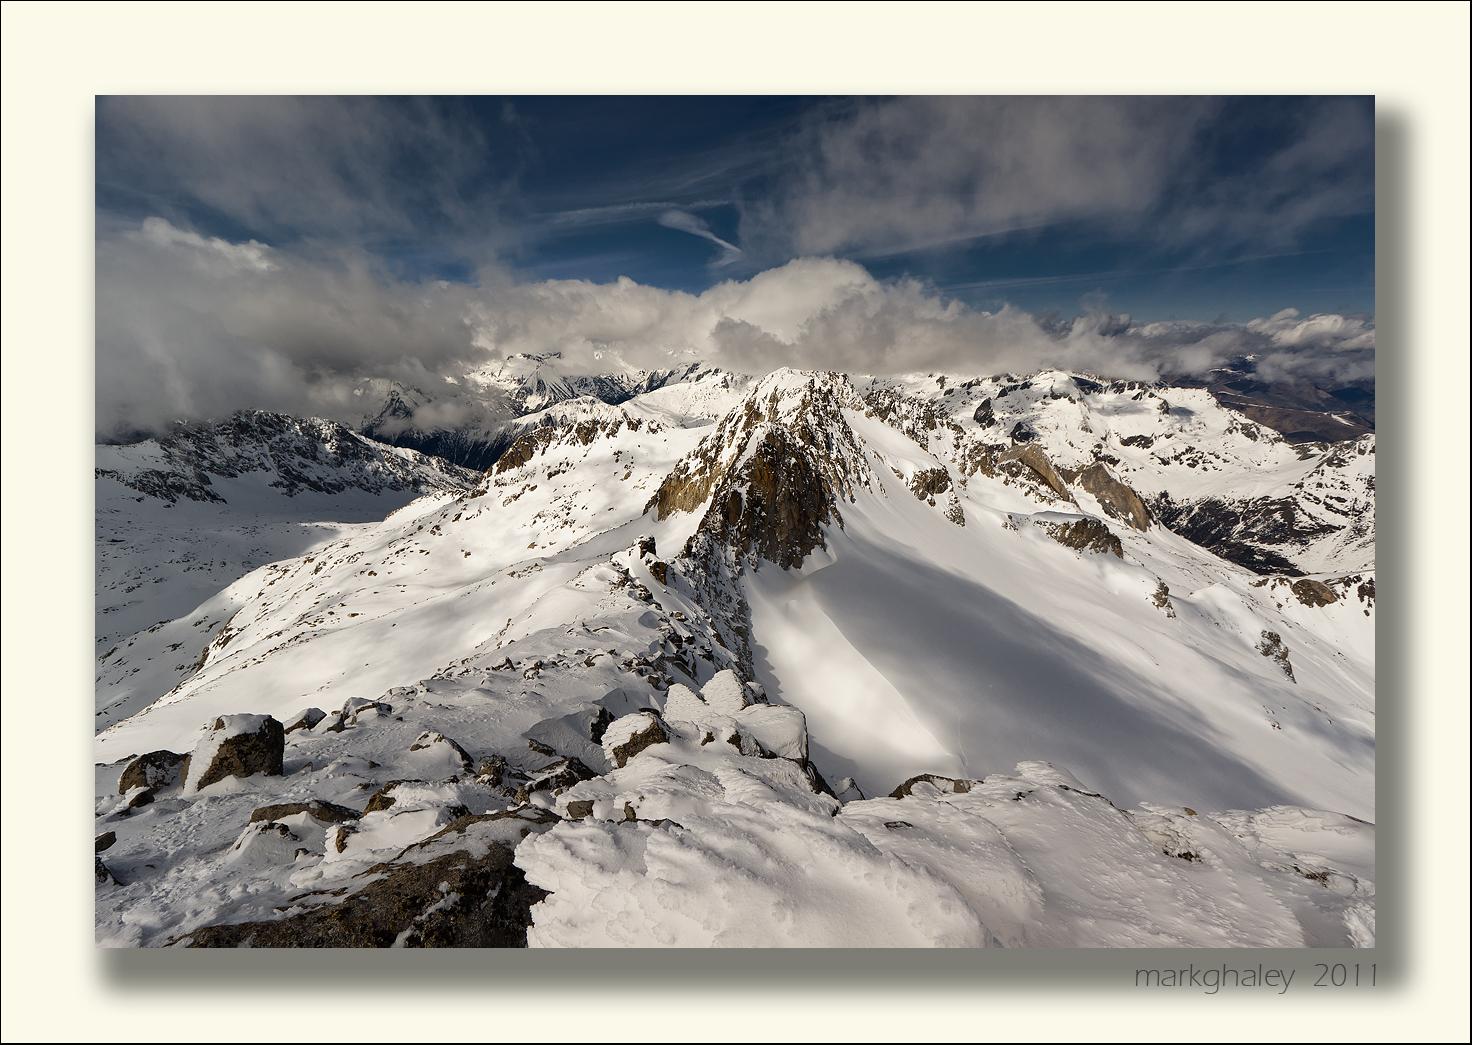 Pico de la Maladeta 3308m, Pyrenees, Spain